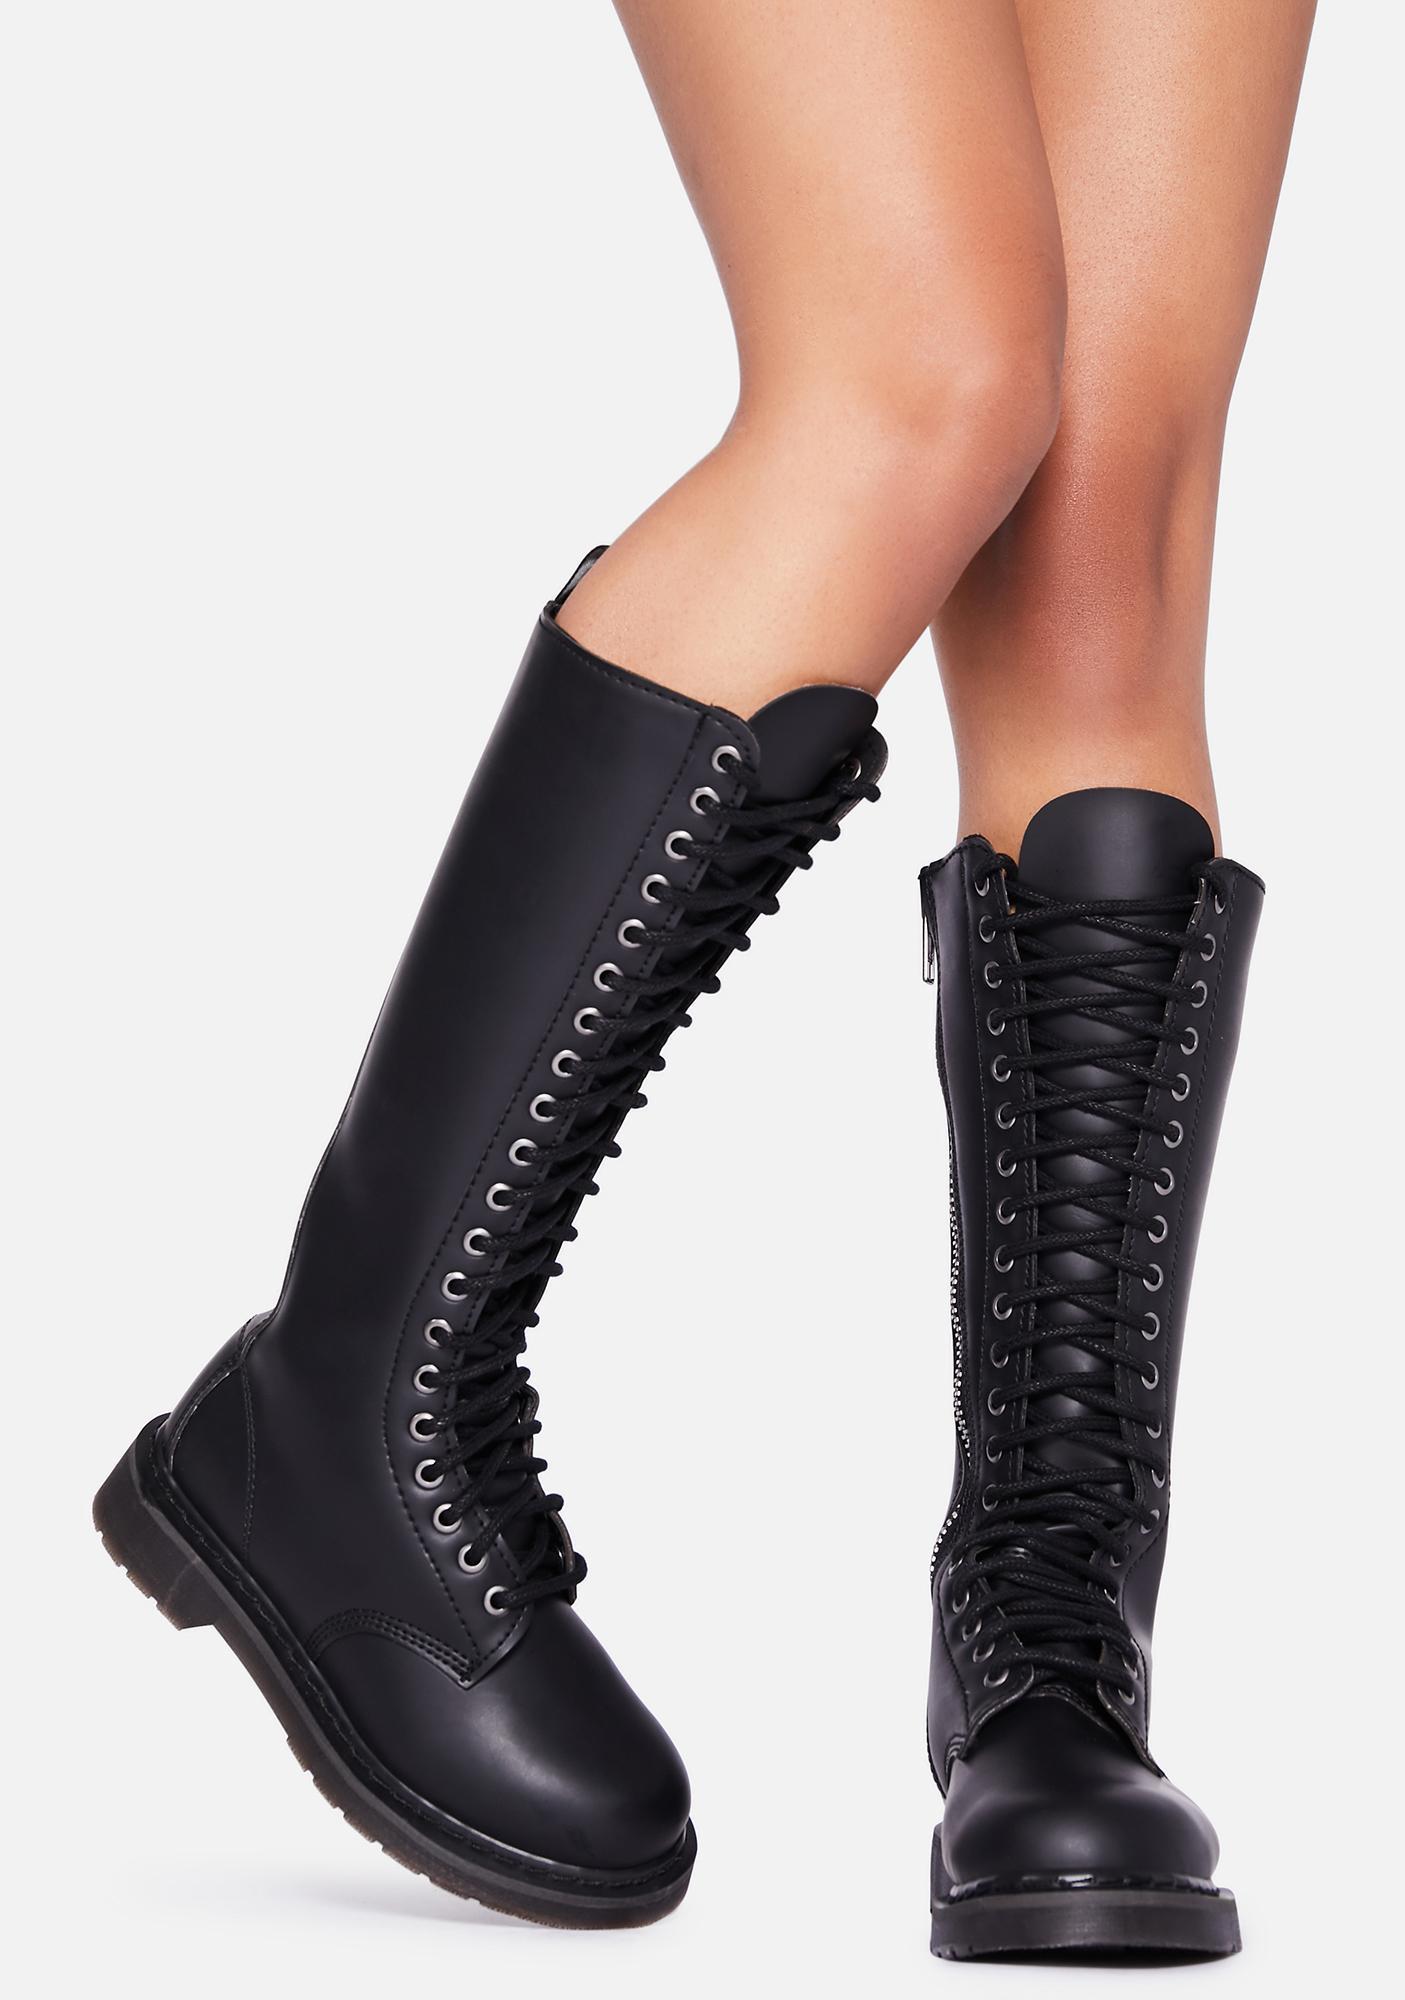 Demonia Total Mayhem Combat Boots